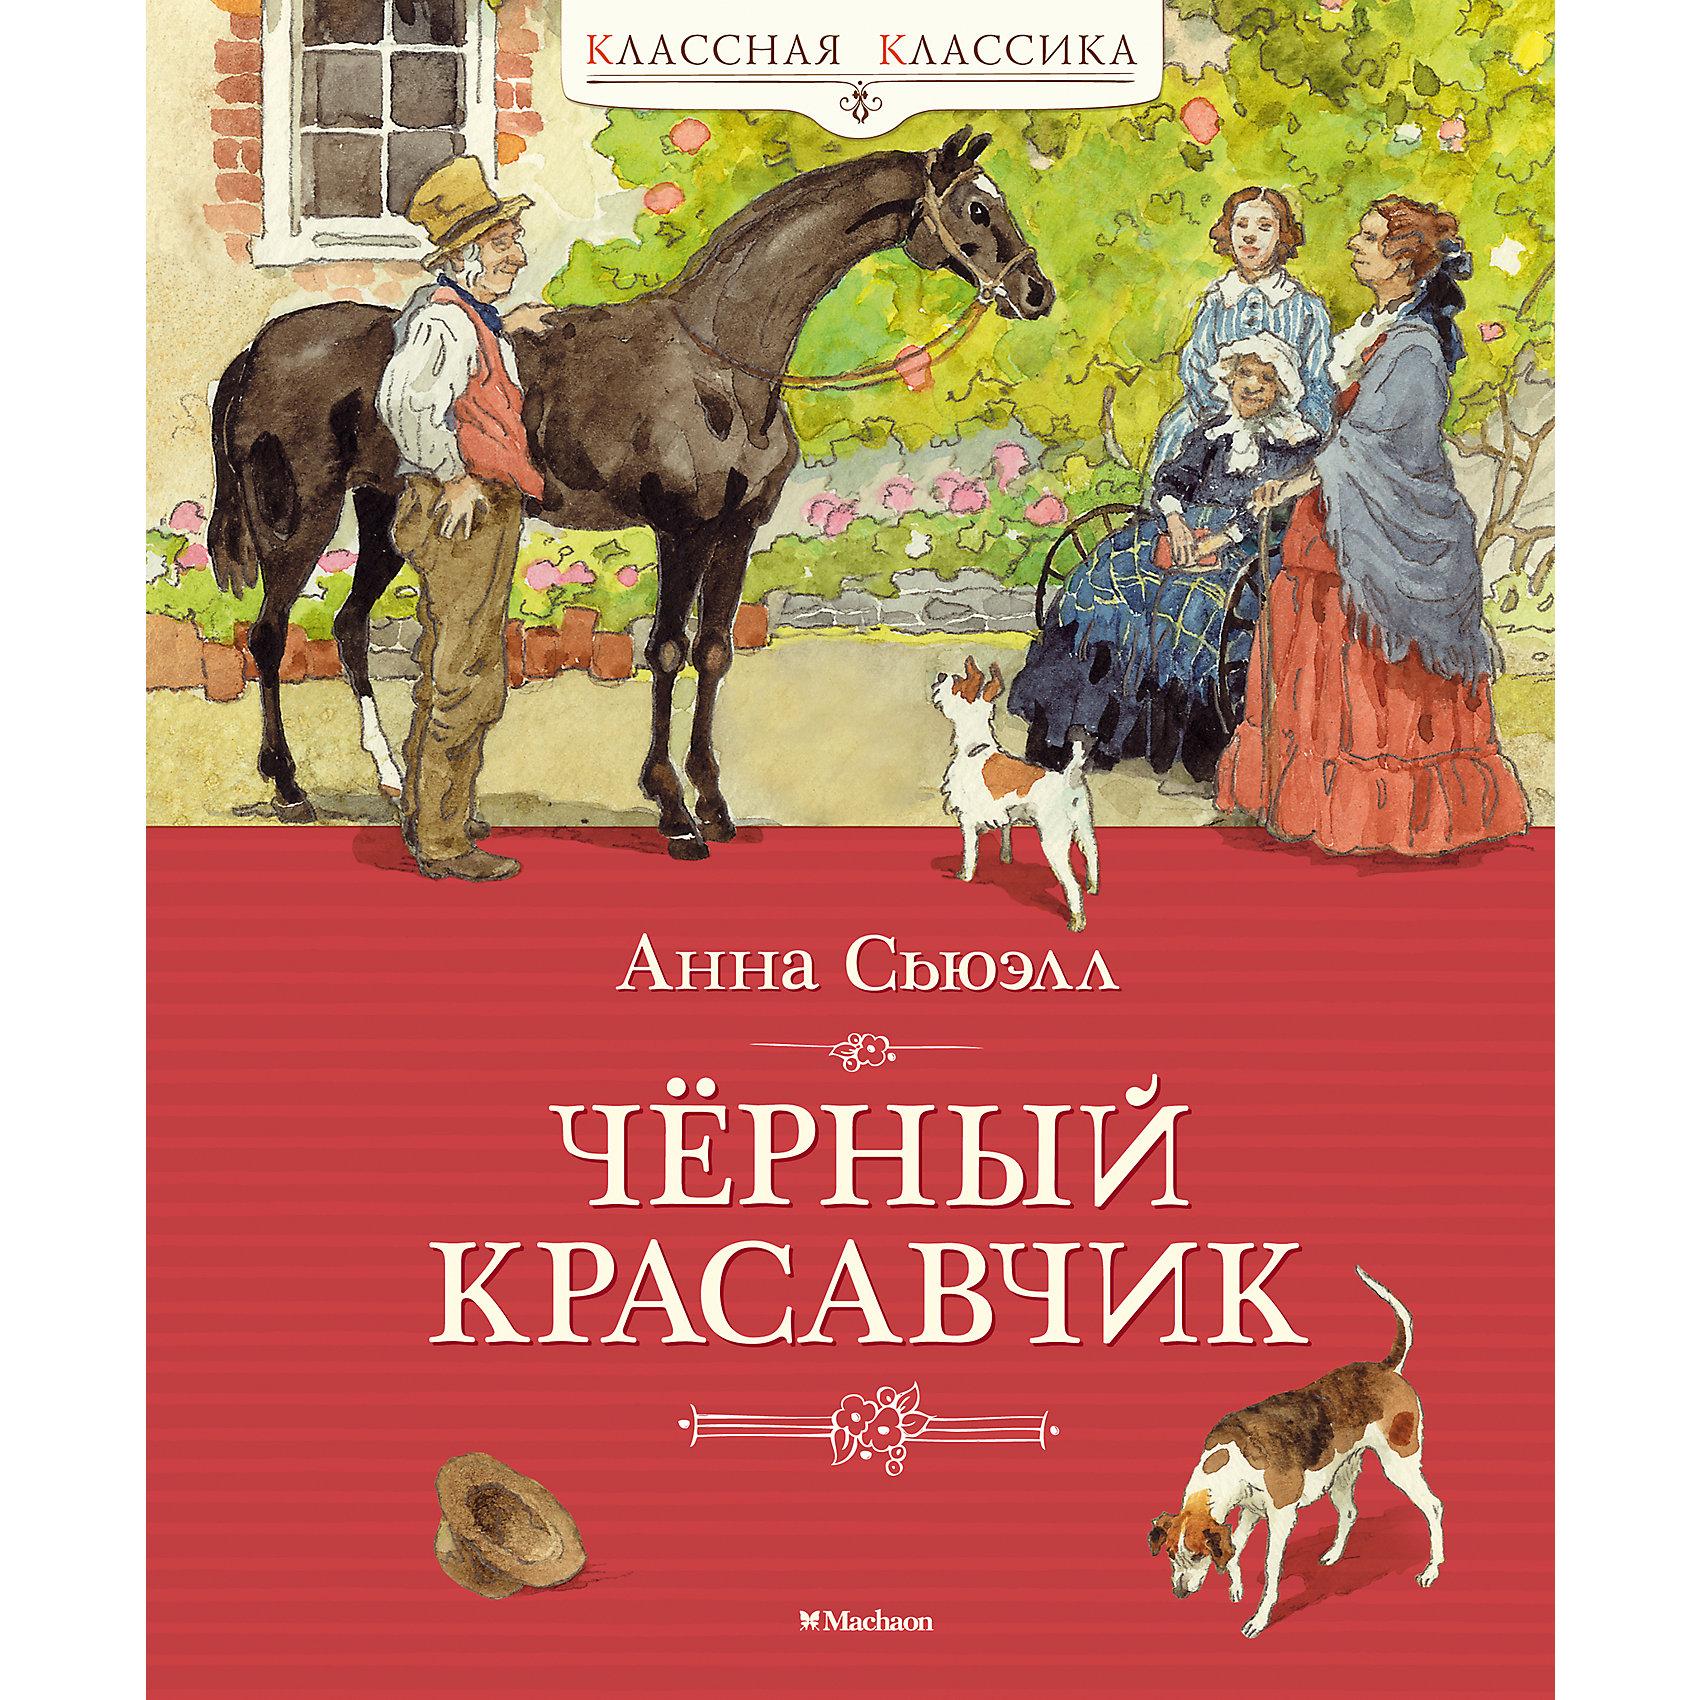 Чёрный Красавчик, А. Сьюэлл«Чёрный Красавчик» – это очень живая, трогательная и настоящая книга. Это история о многотрудной жизни лошади, о дружбе, милосердии и сострадании.<br><br>Ширина мм: 235<br>Глубина мм: 195<br>Высота мм: 14<br>Вес г: 493<br>Возраст от месяцев: 132<br>Возраст до месяцев: 168<br>Пол: Мужской<br>Возраст: Детский<br>SKU: 4818096